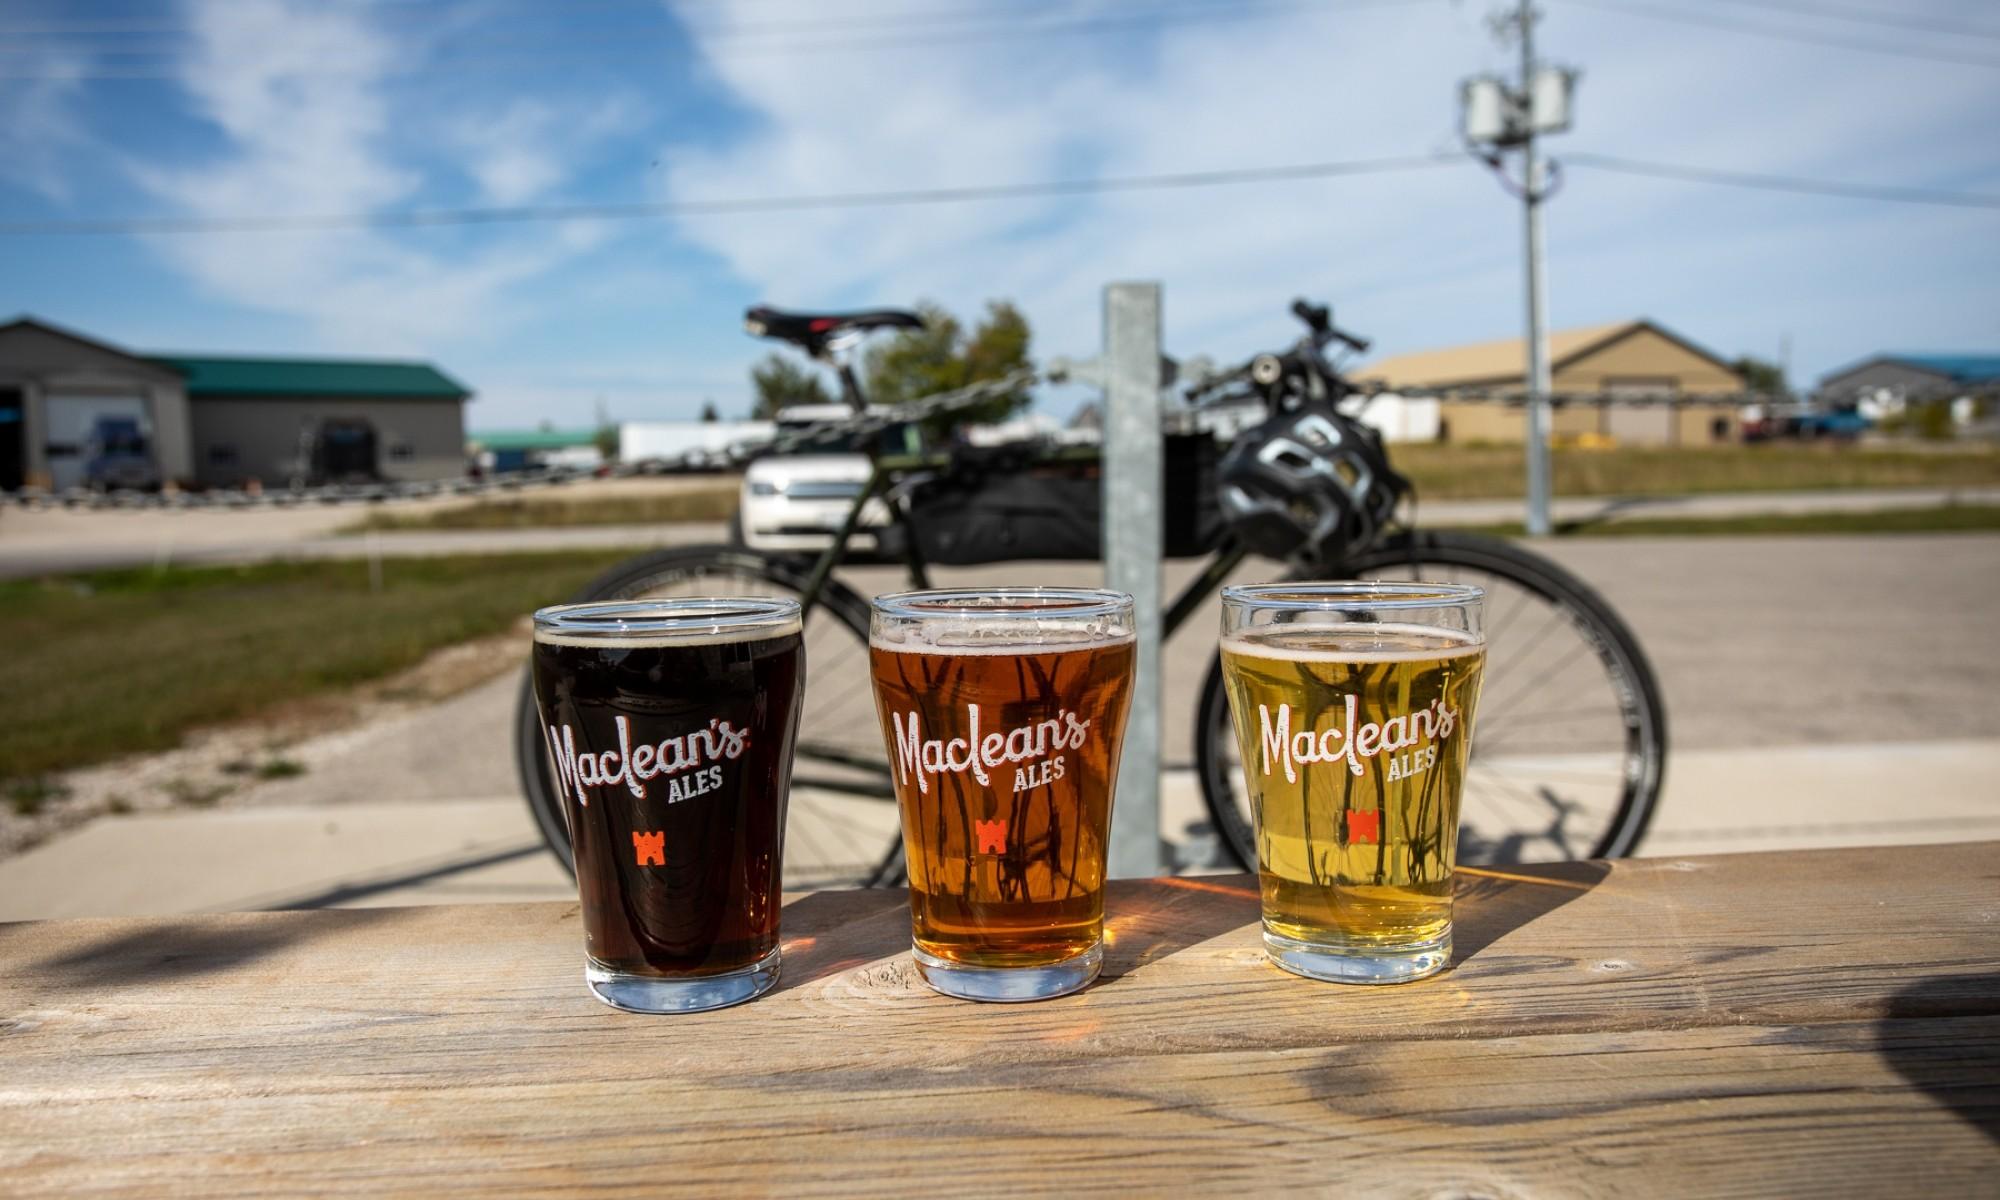 Flight of Beer in front of Bike